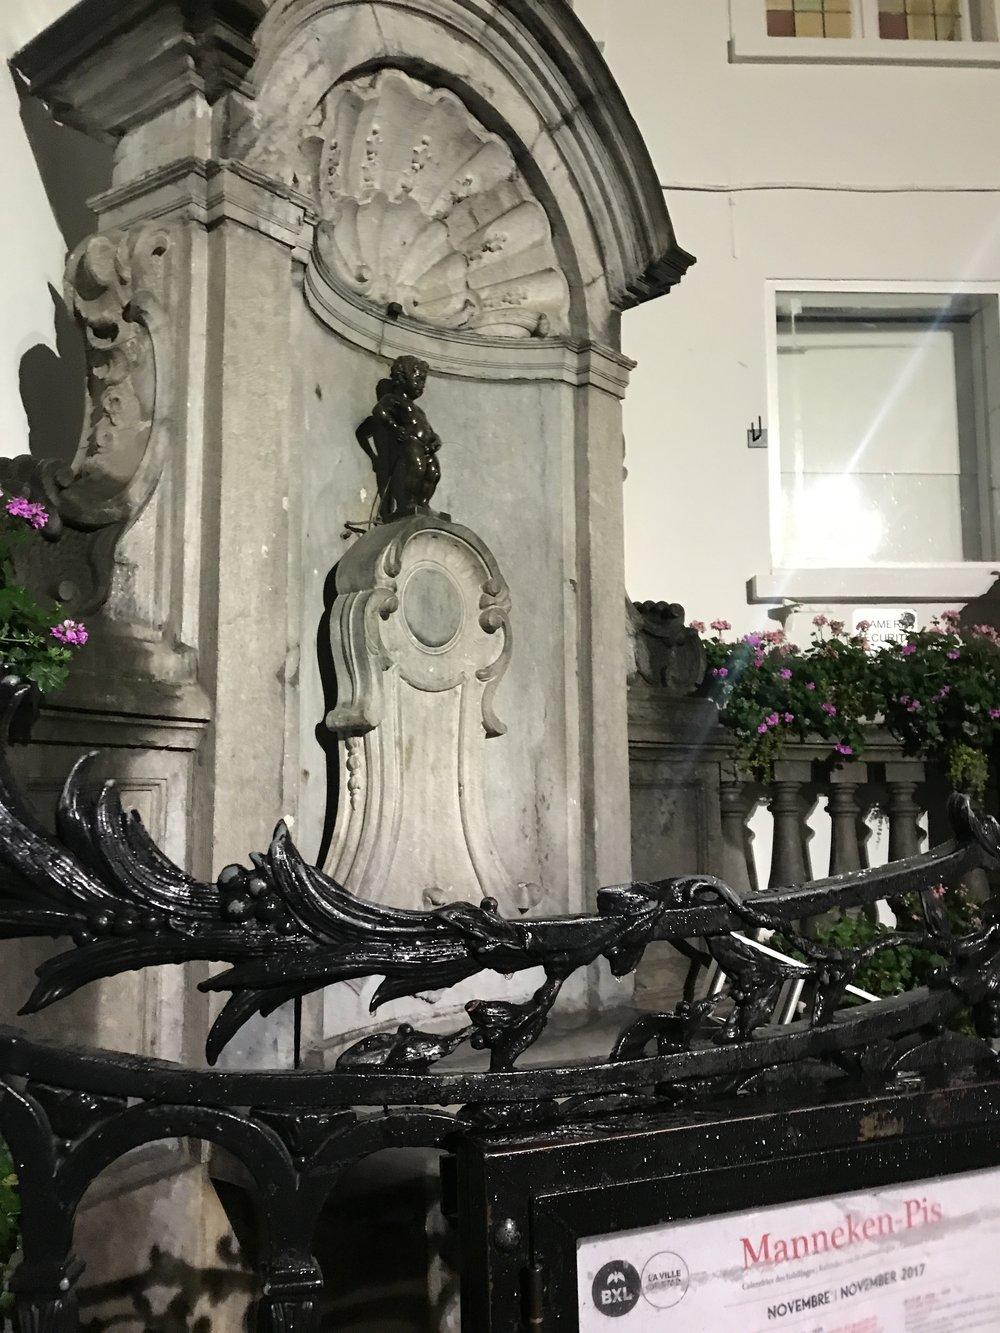 Manneken Pis in Brussels, BE